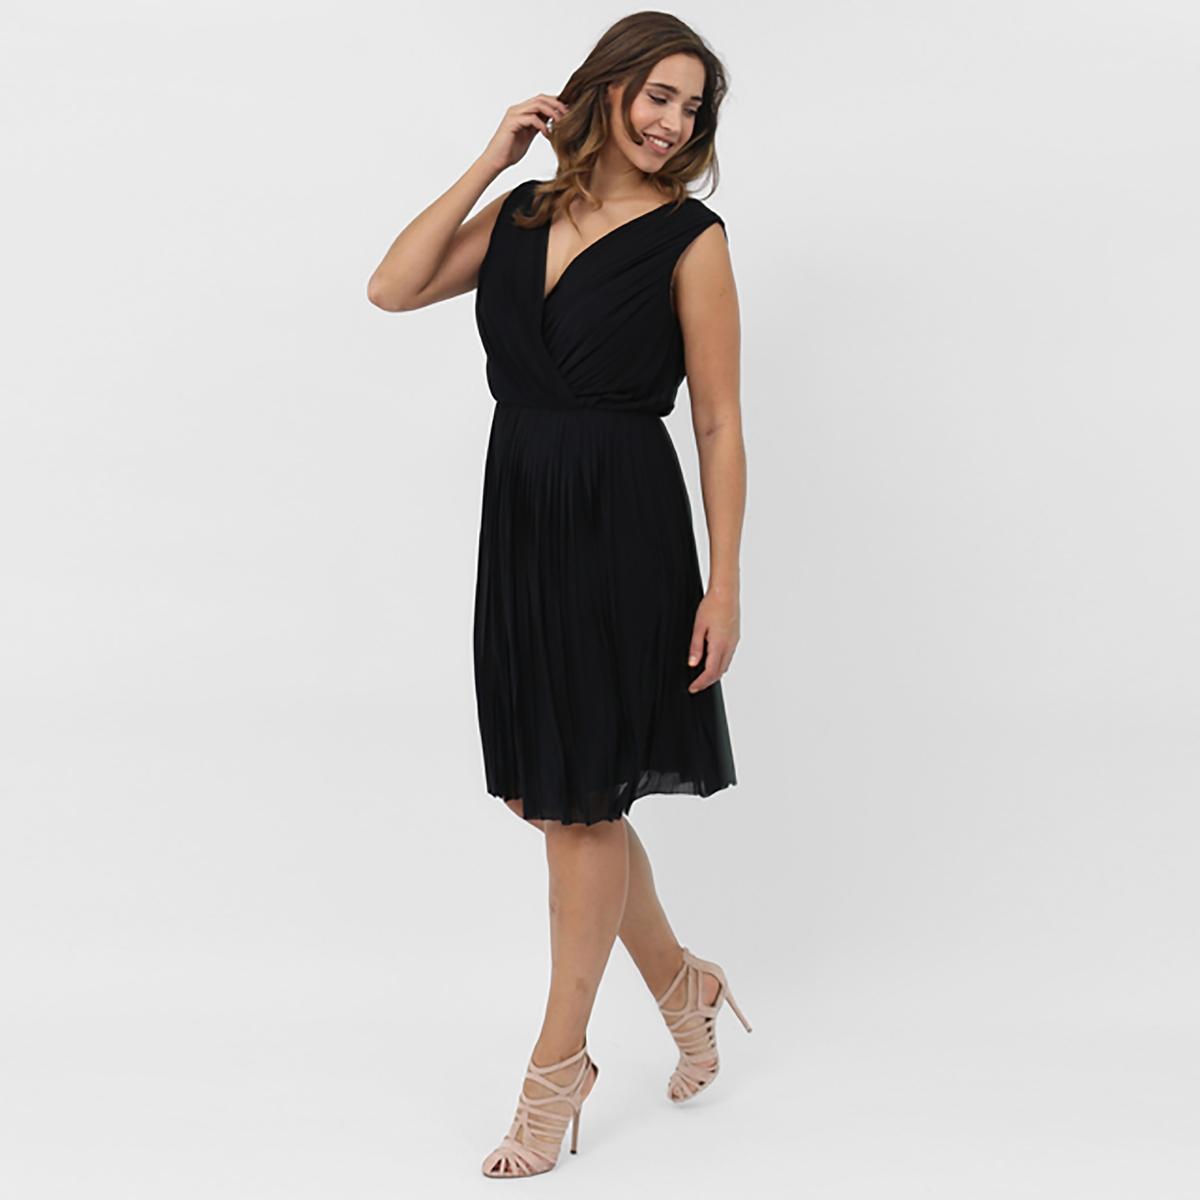 ПлатьеПлатье без рукавов LOVEDROBE. V-образный вырез с запахом. Эффект плиссировки. Длина около 101 см. 100% полиэстера<br><br>Цвет: черный